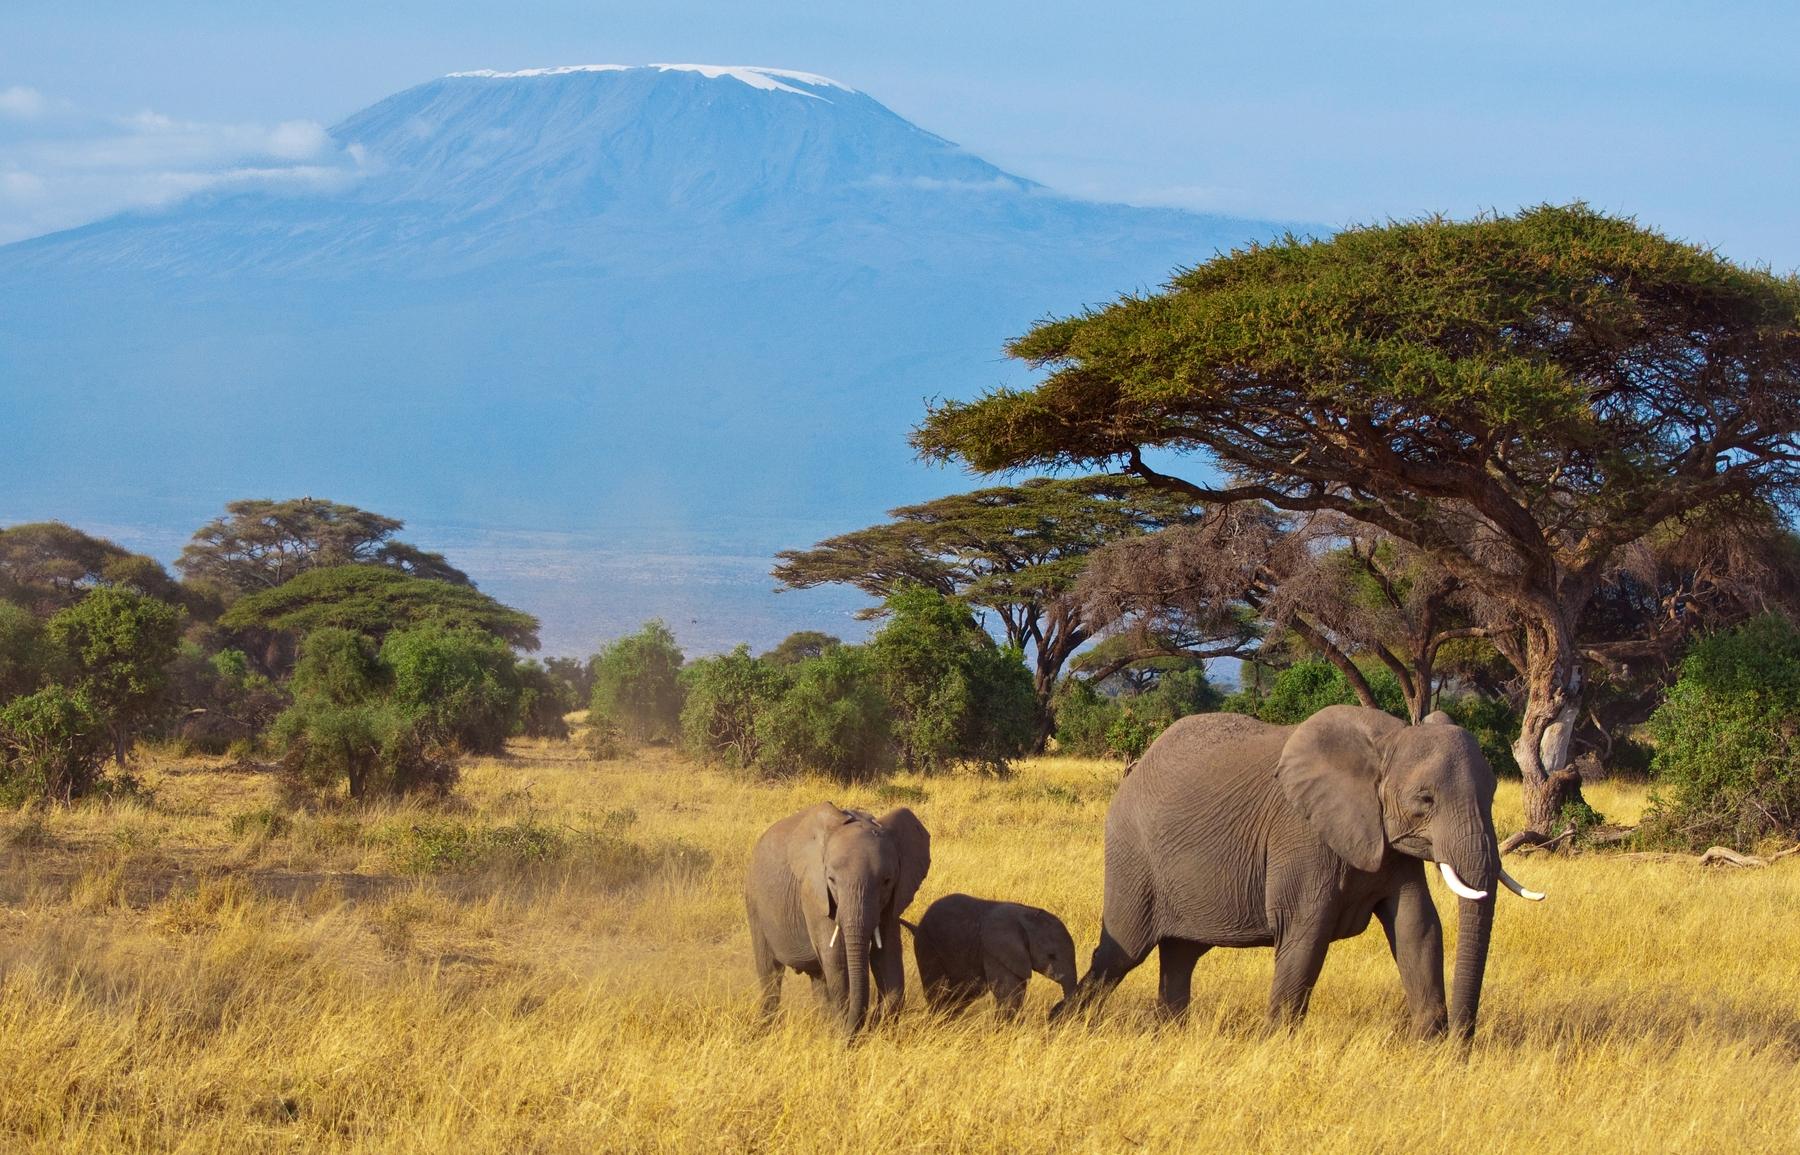 Vacaciones en familia 2021 en Tanzania